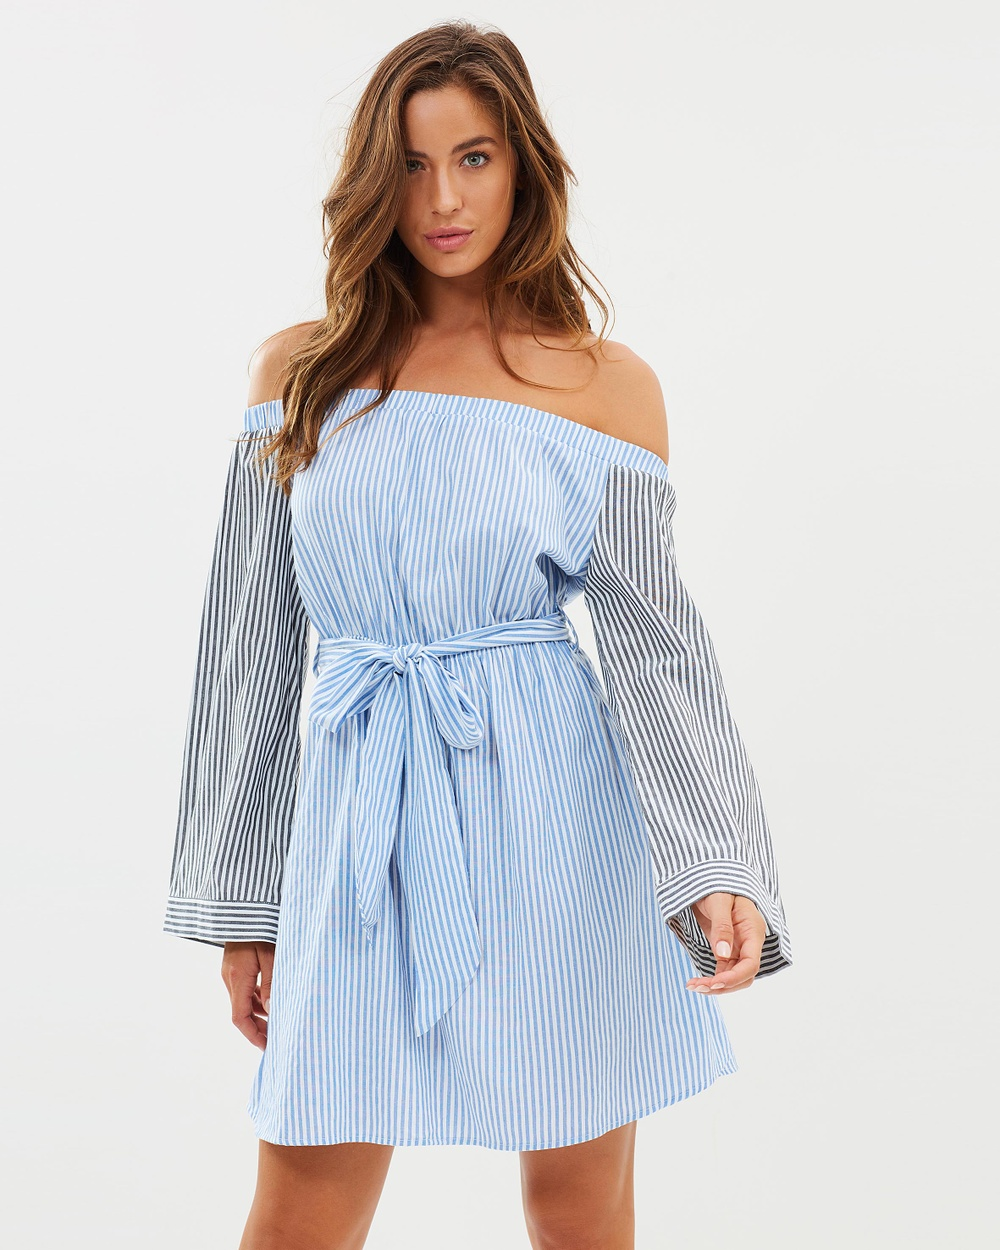 Sass Indi Tie Waist Bell Sleeve Dress Dresses Mixed Stripe Whisper Indi Tie Waist Bell Sleeve Dress